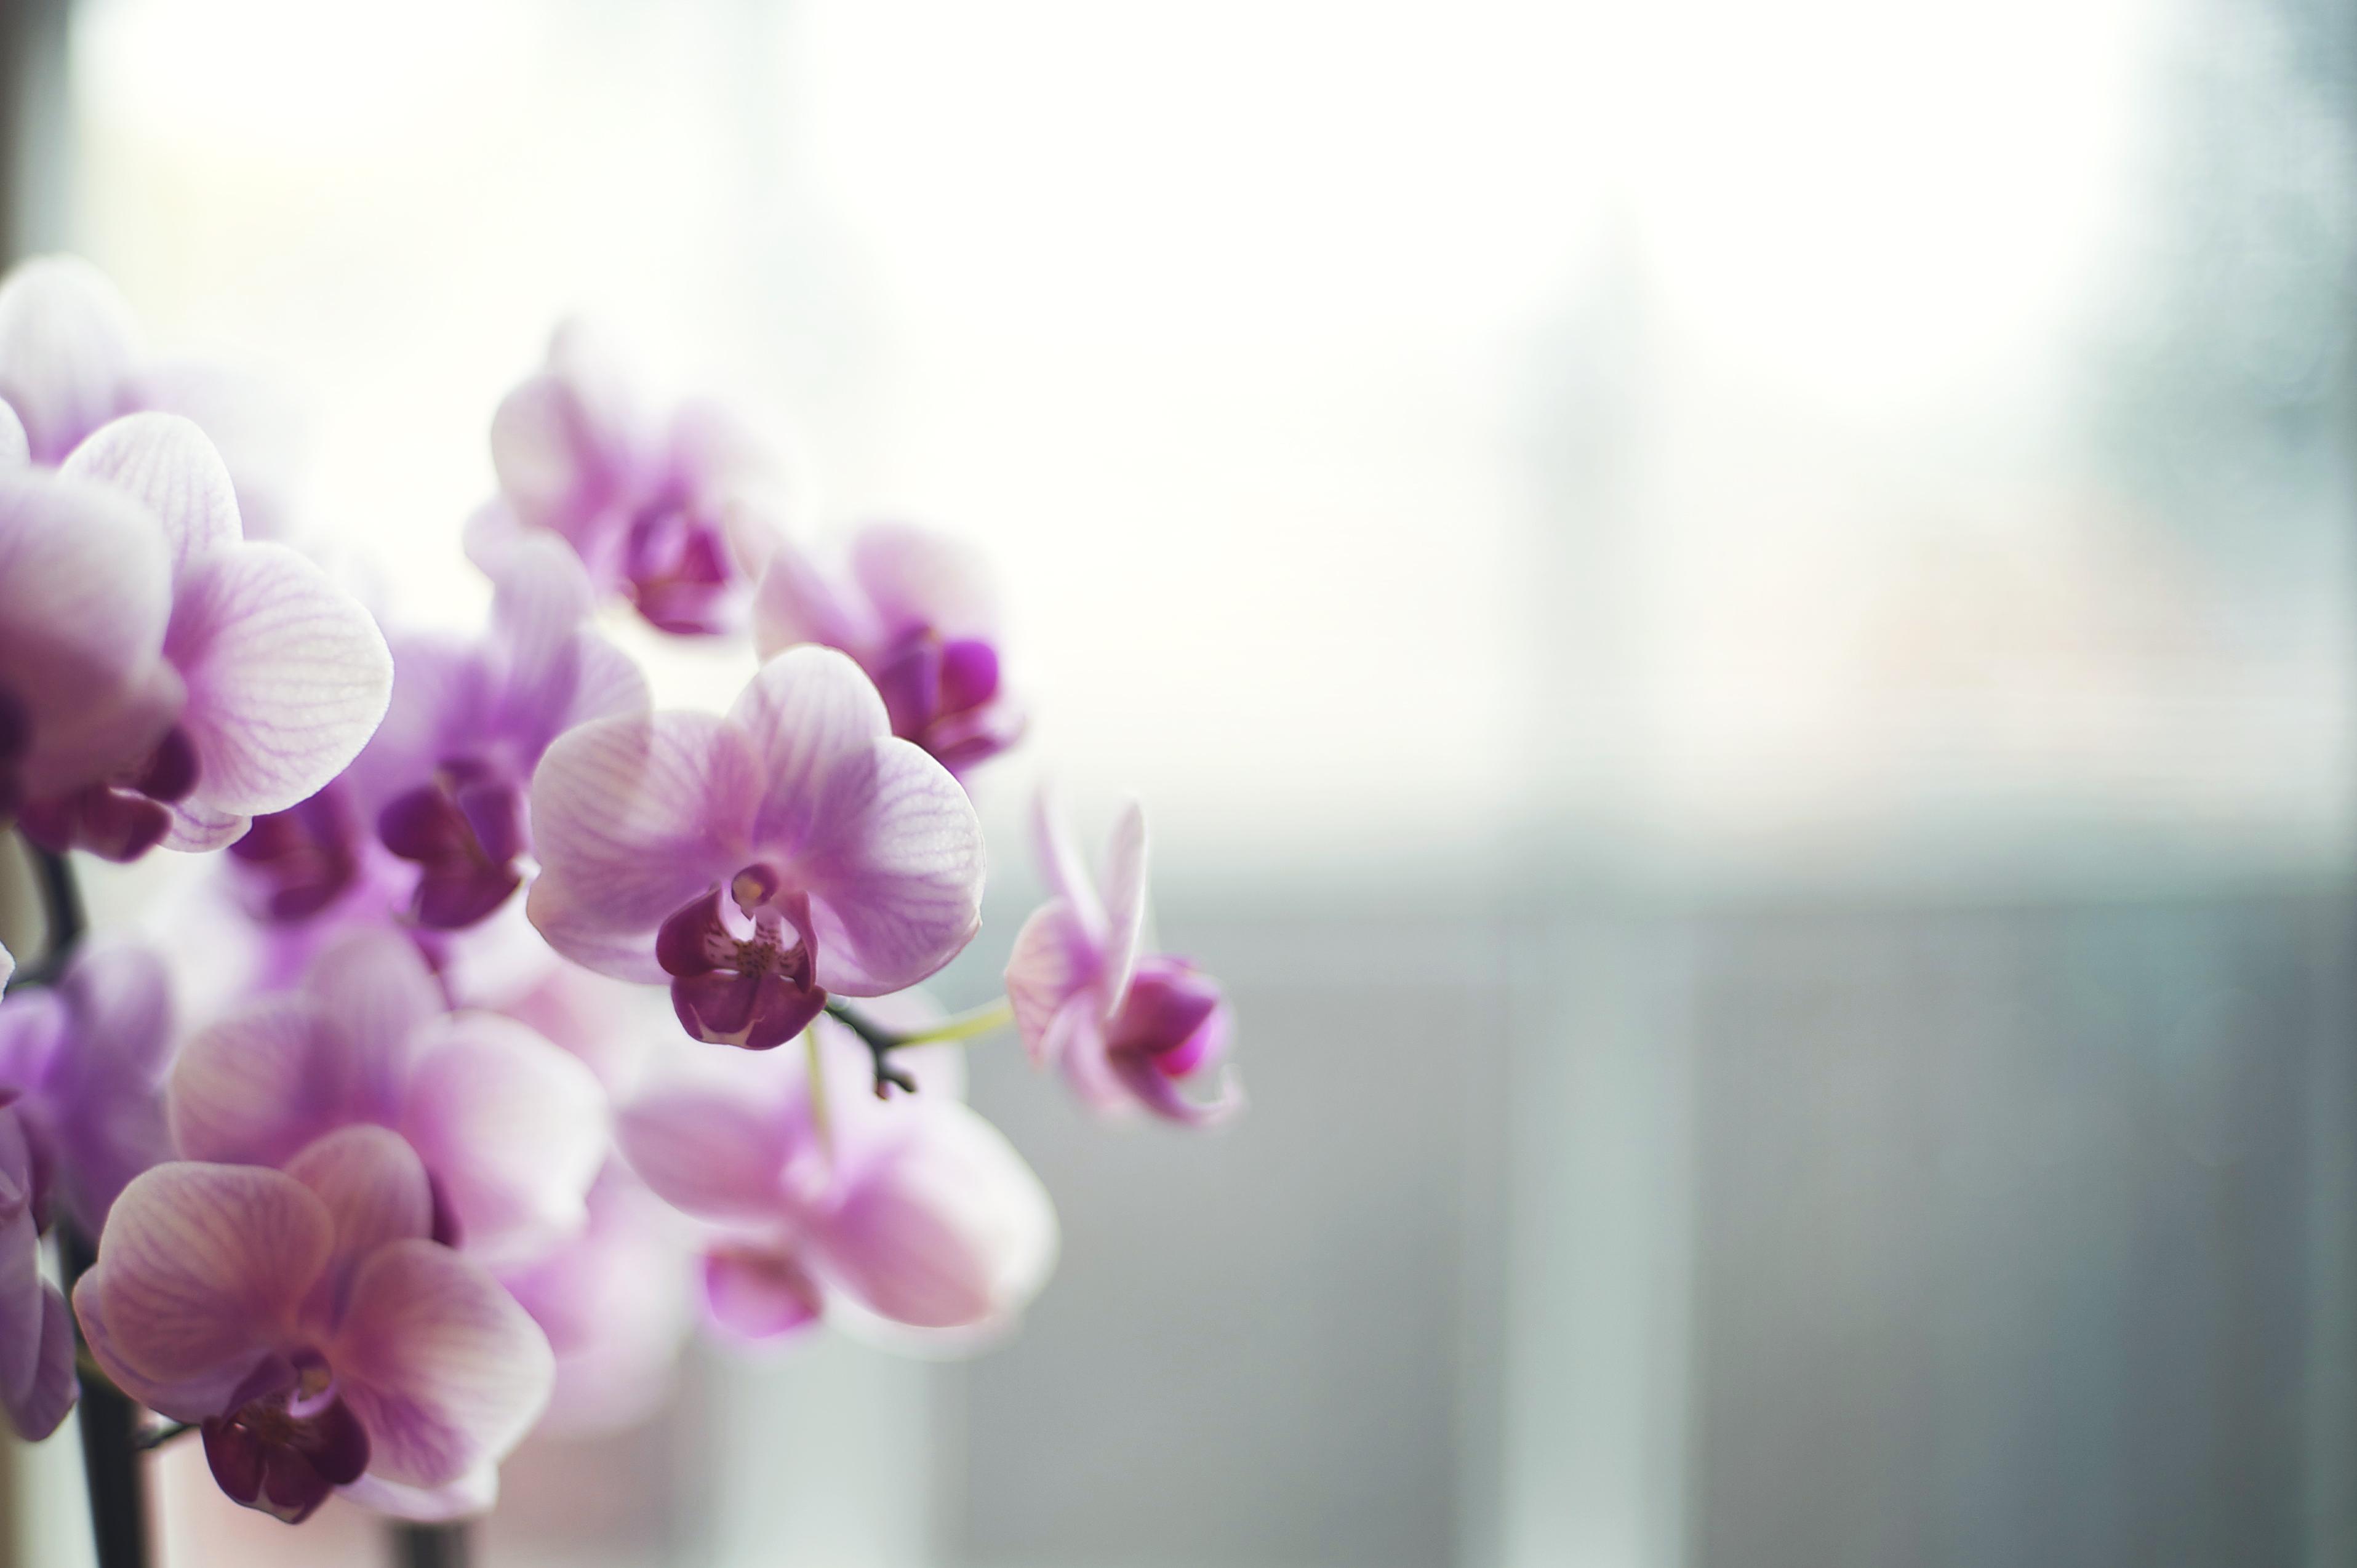 foto de Fond d'écran : fenêtre, Orchidées, violet, branche, fleur, rose ...